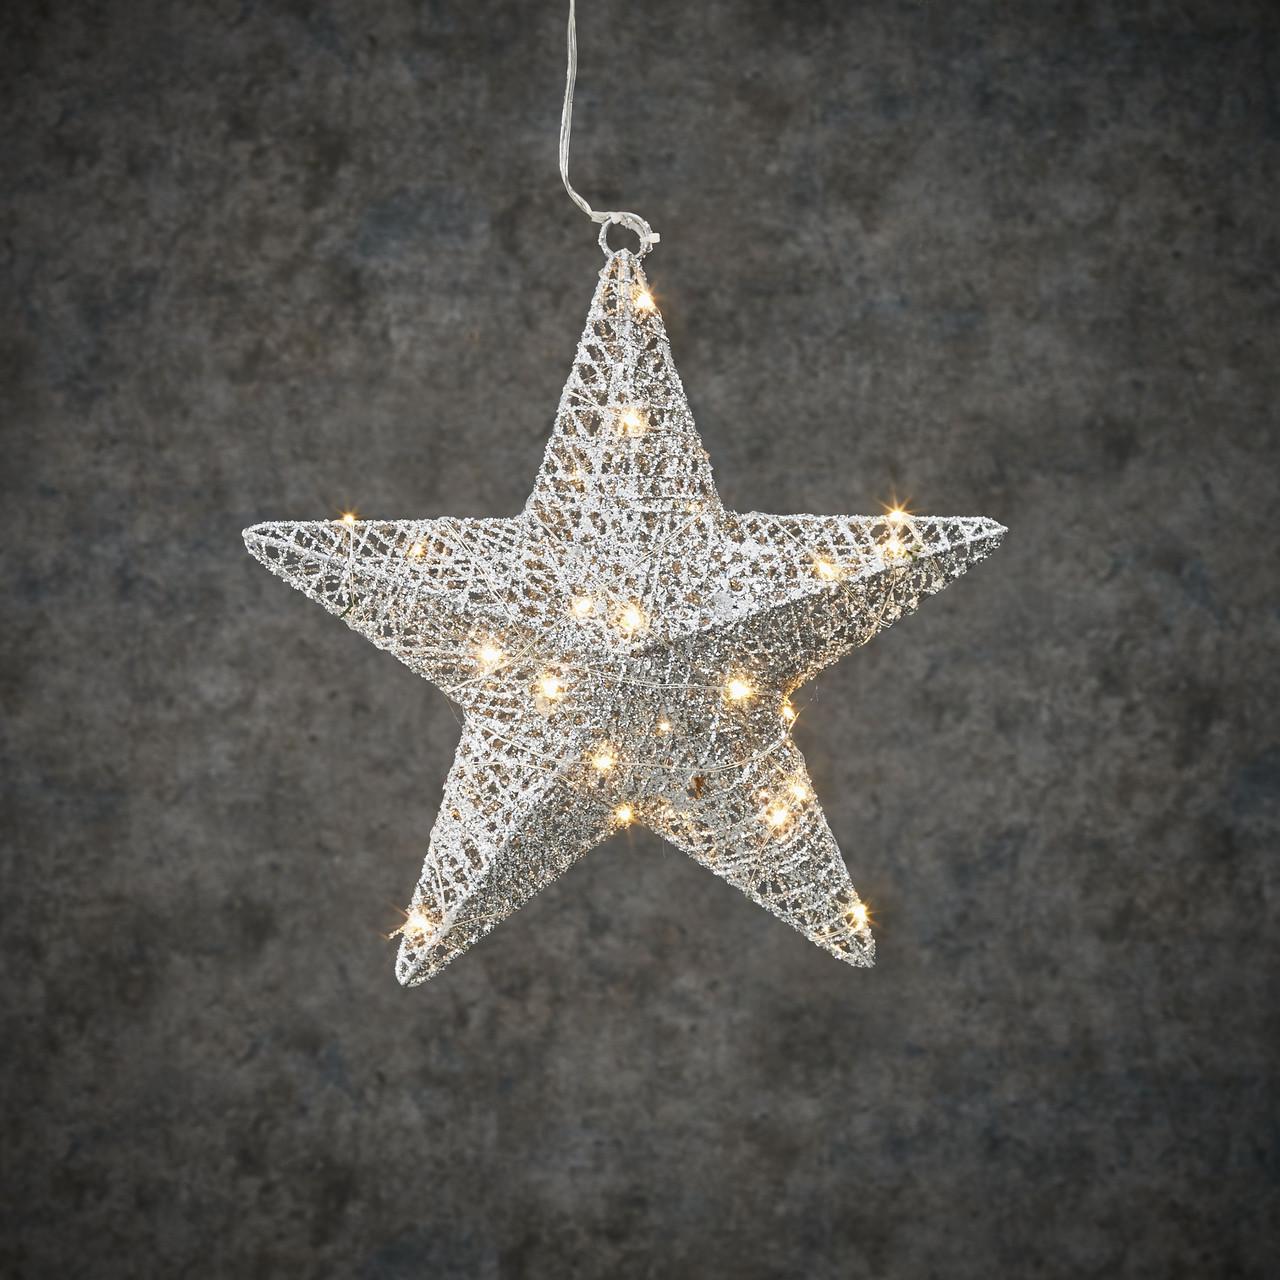 """Новогодняя светящаяся фигура Luca Lighting """"Звезда"""", 30 см, цвет серебро (новогодний декор, украшение)"""